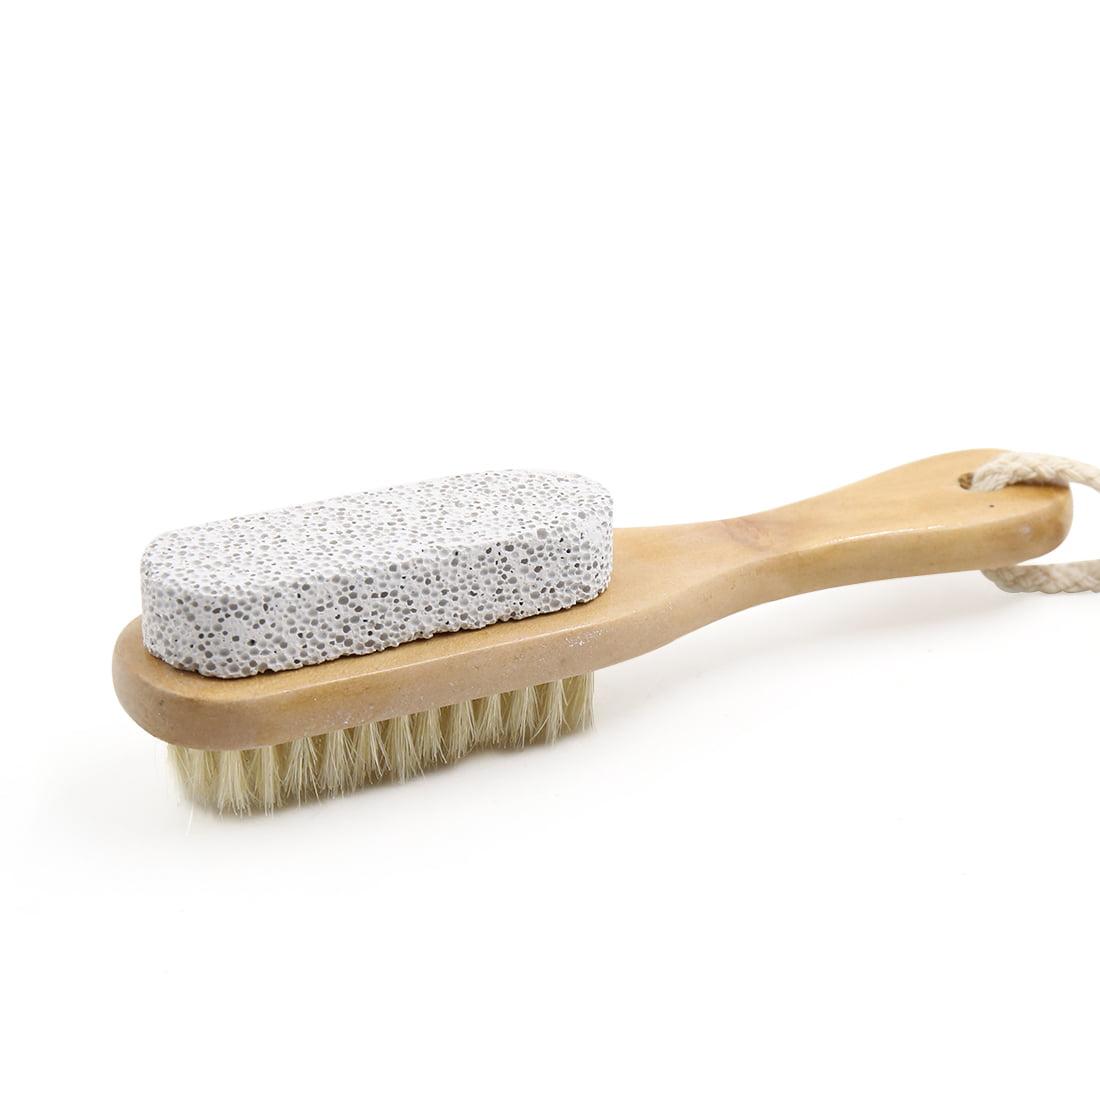 Pumice Bristle Foot Pedicure Dry Hard Dead Skin Exfoliate Brush Scrubber Walmart Com Walmart Com